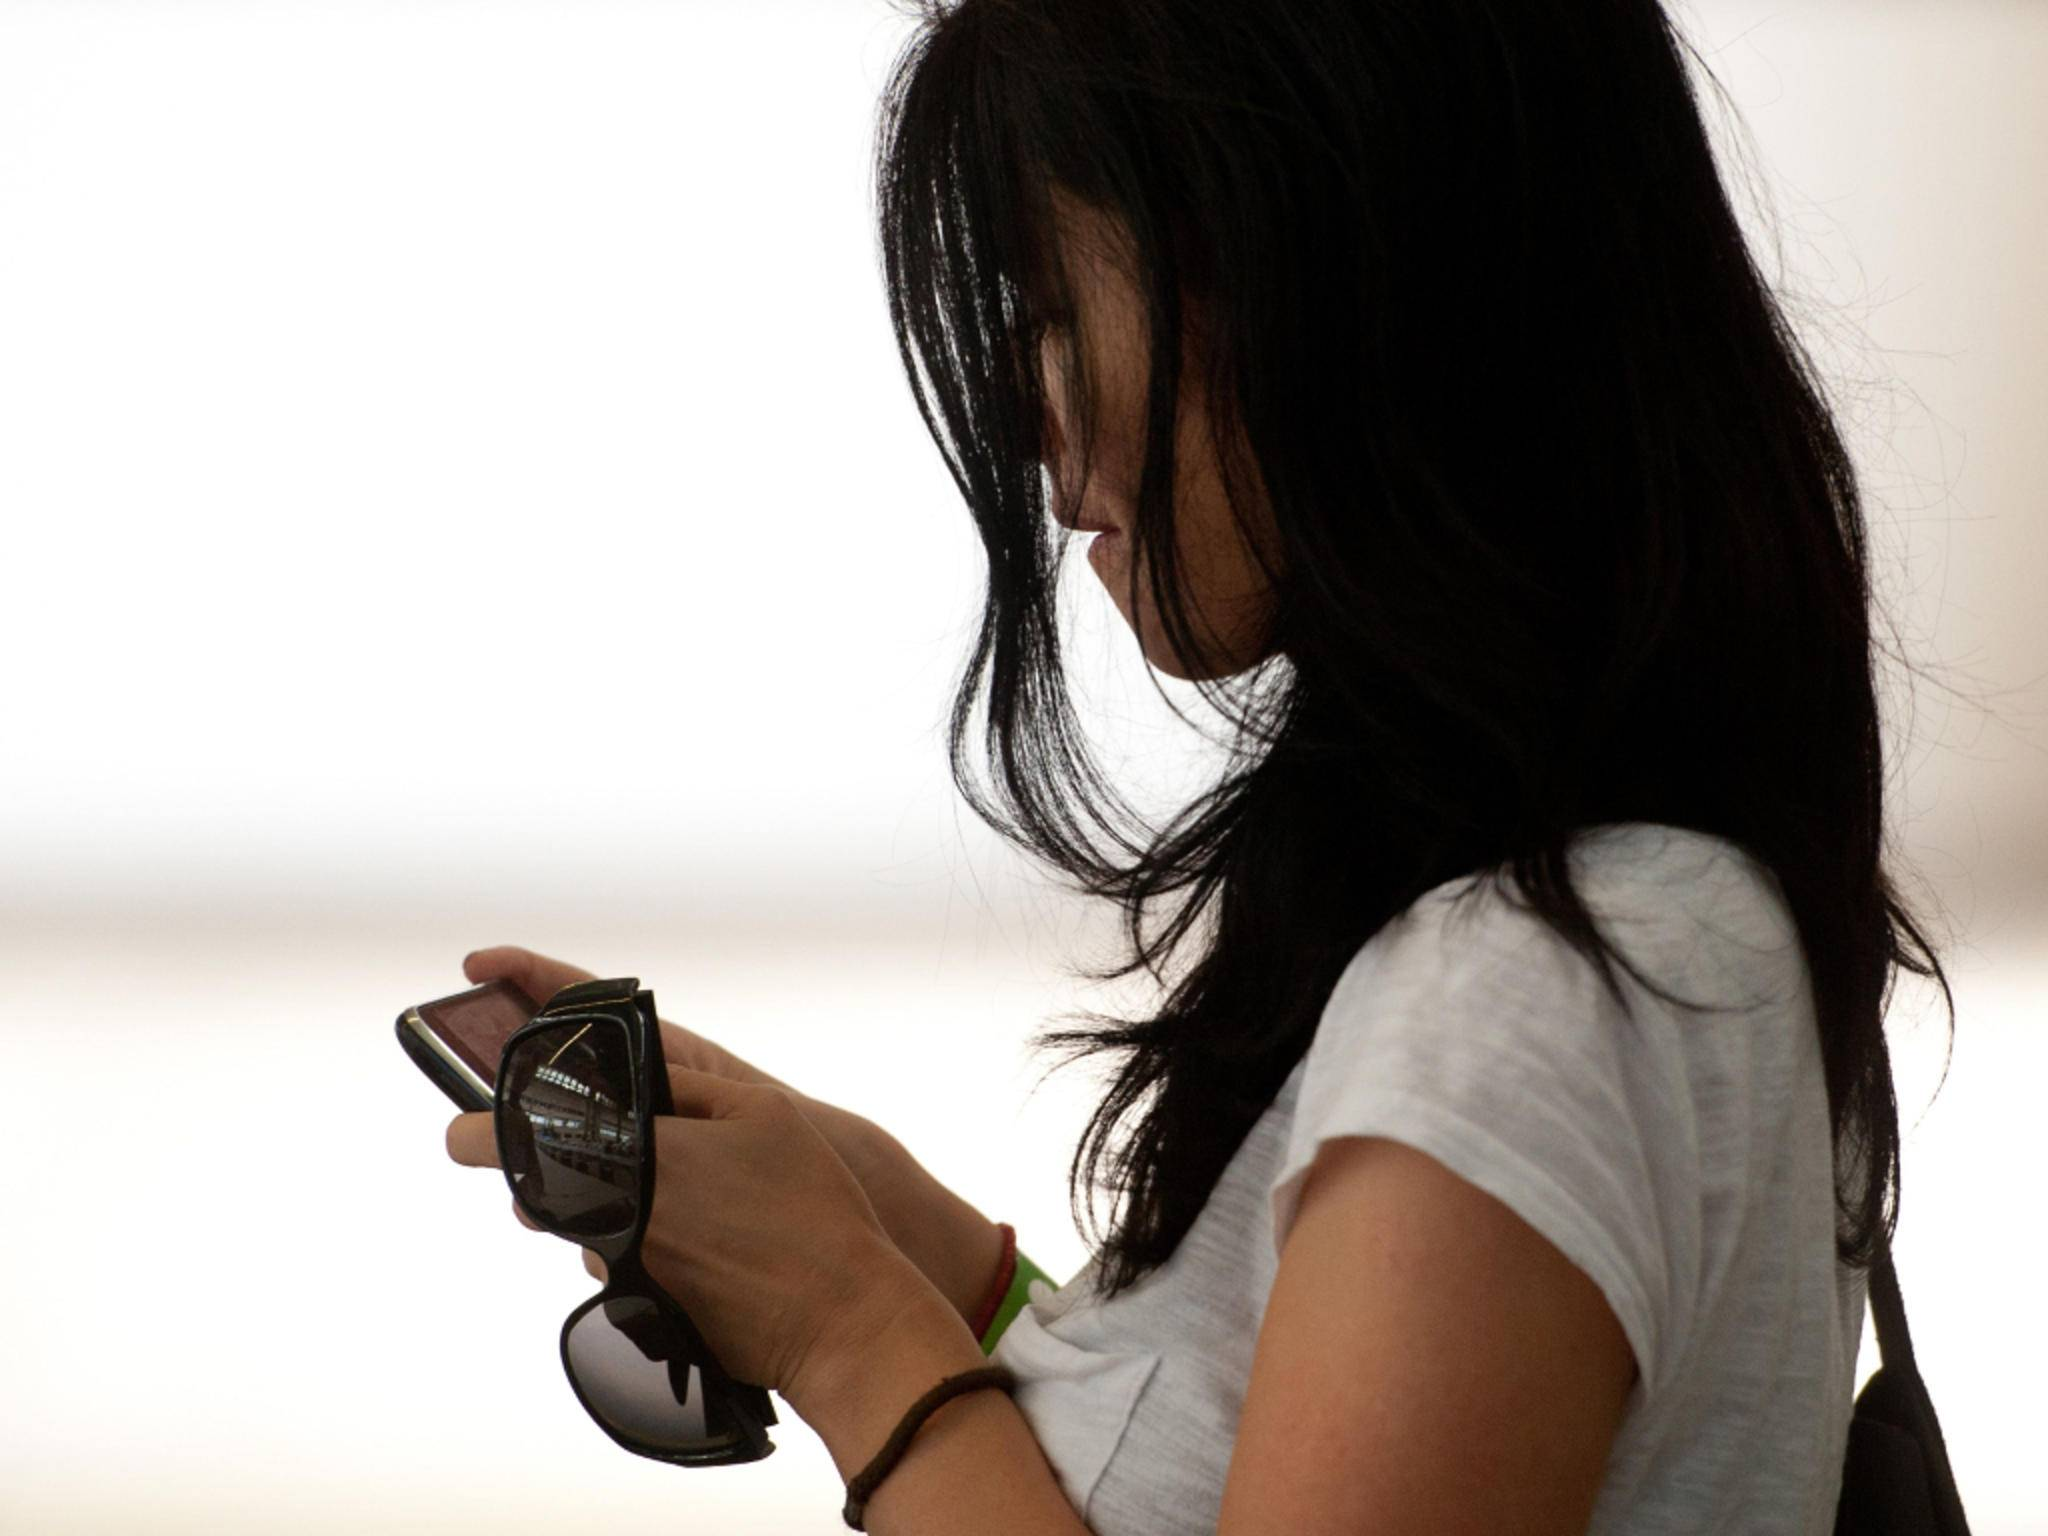 Frau mit Smartphone in der Hand